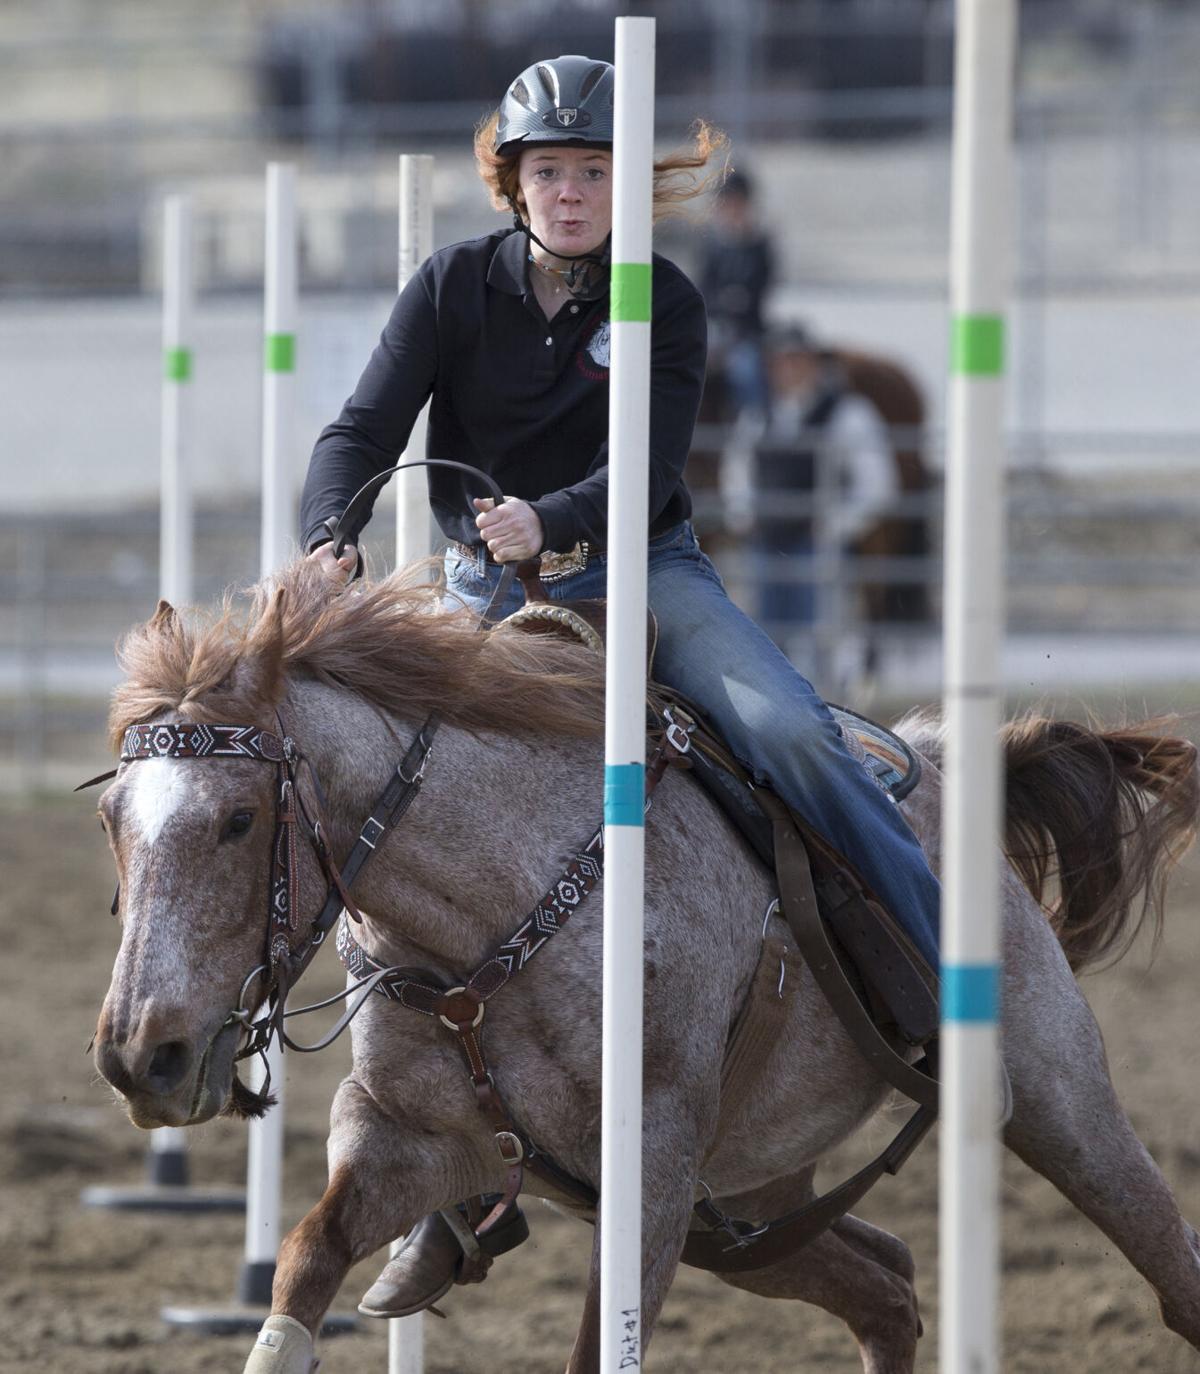 210406-newslocal-horse 02.JPG